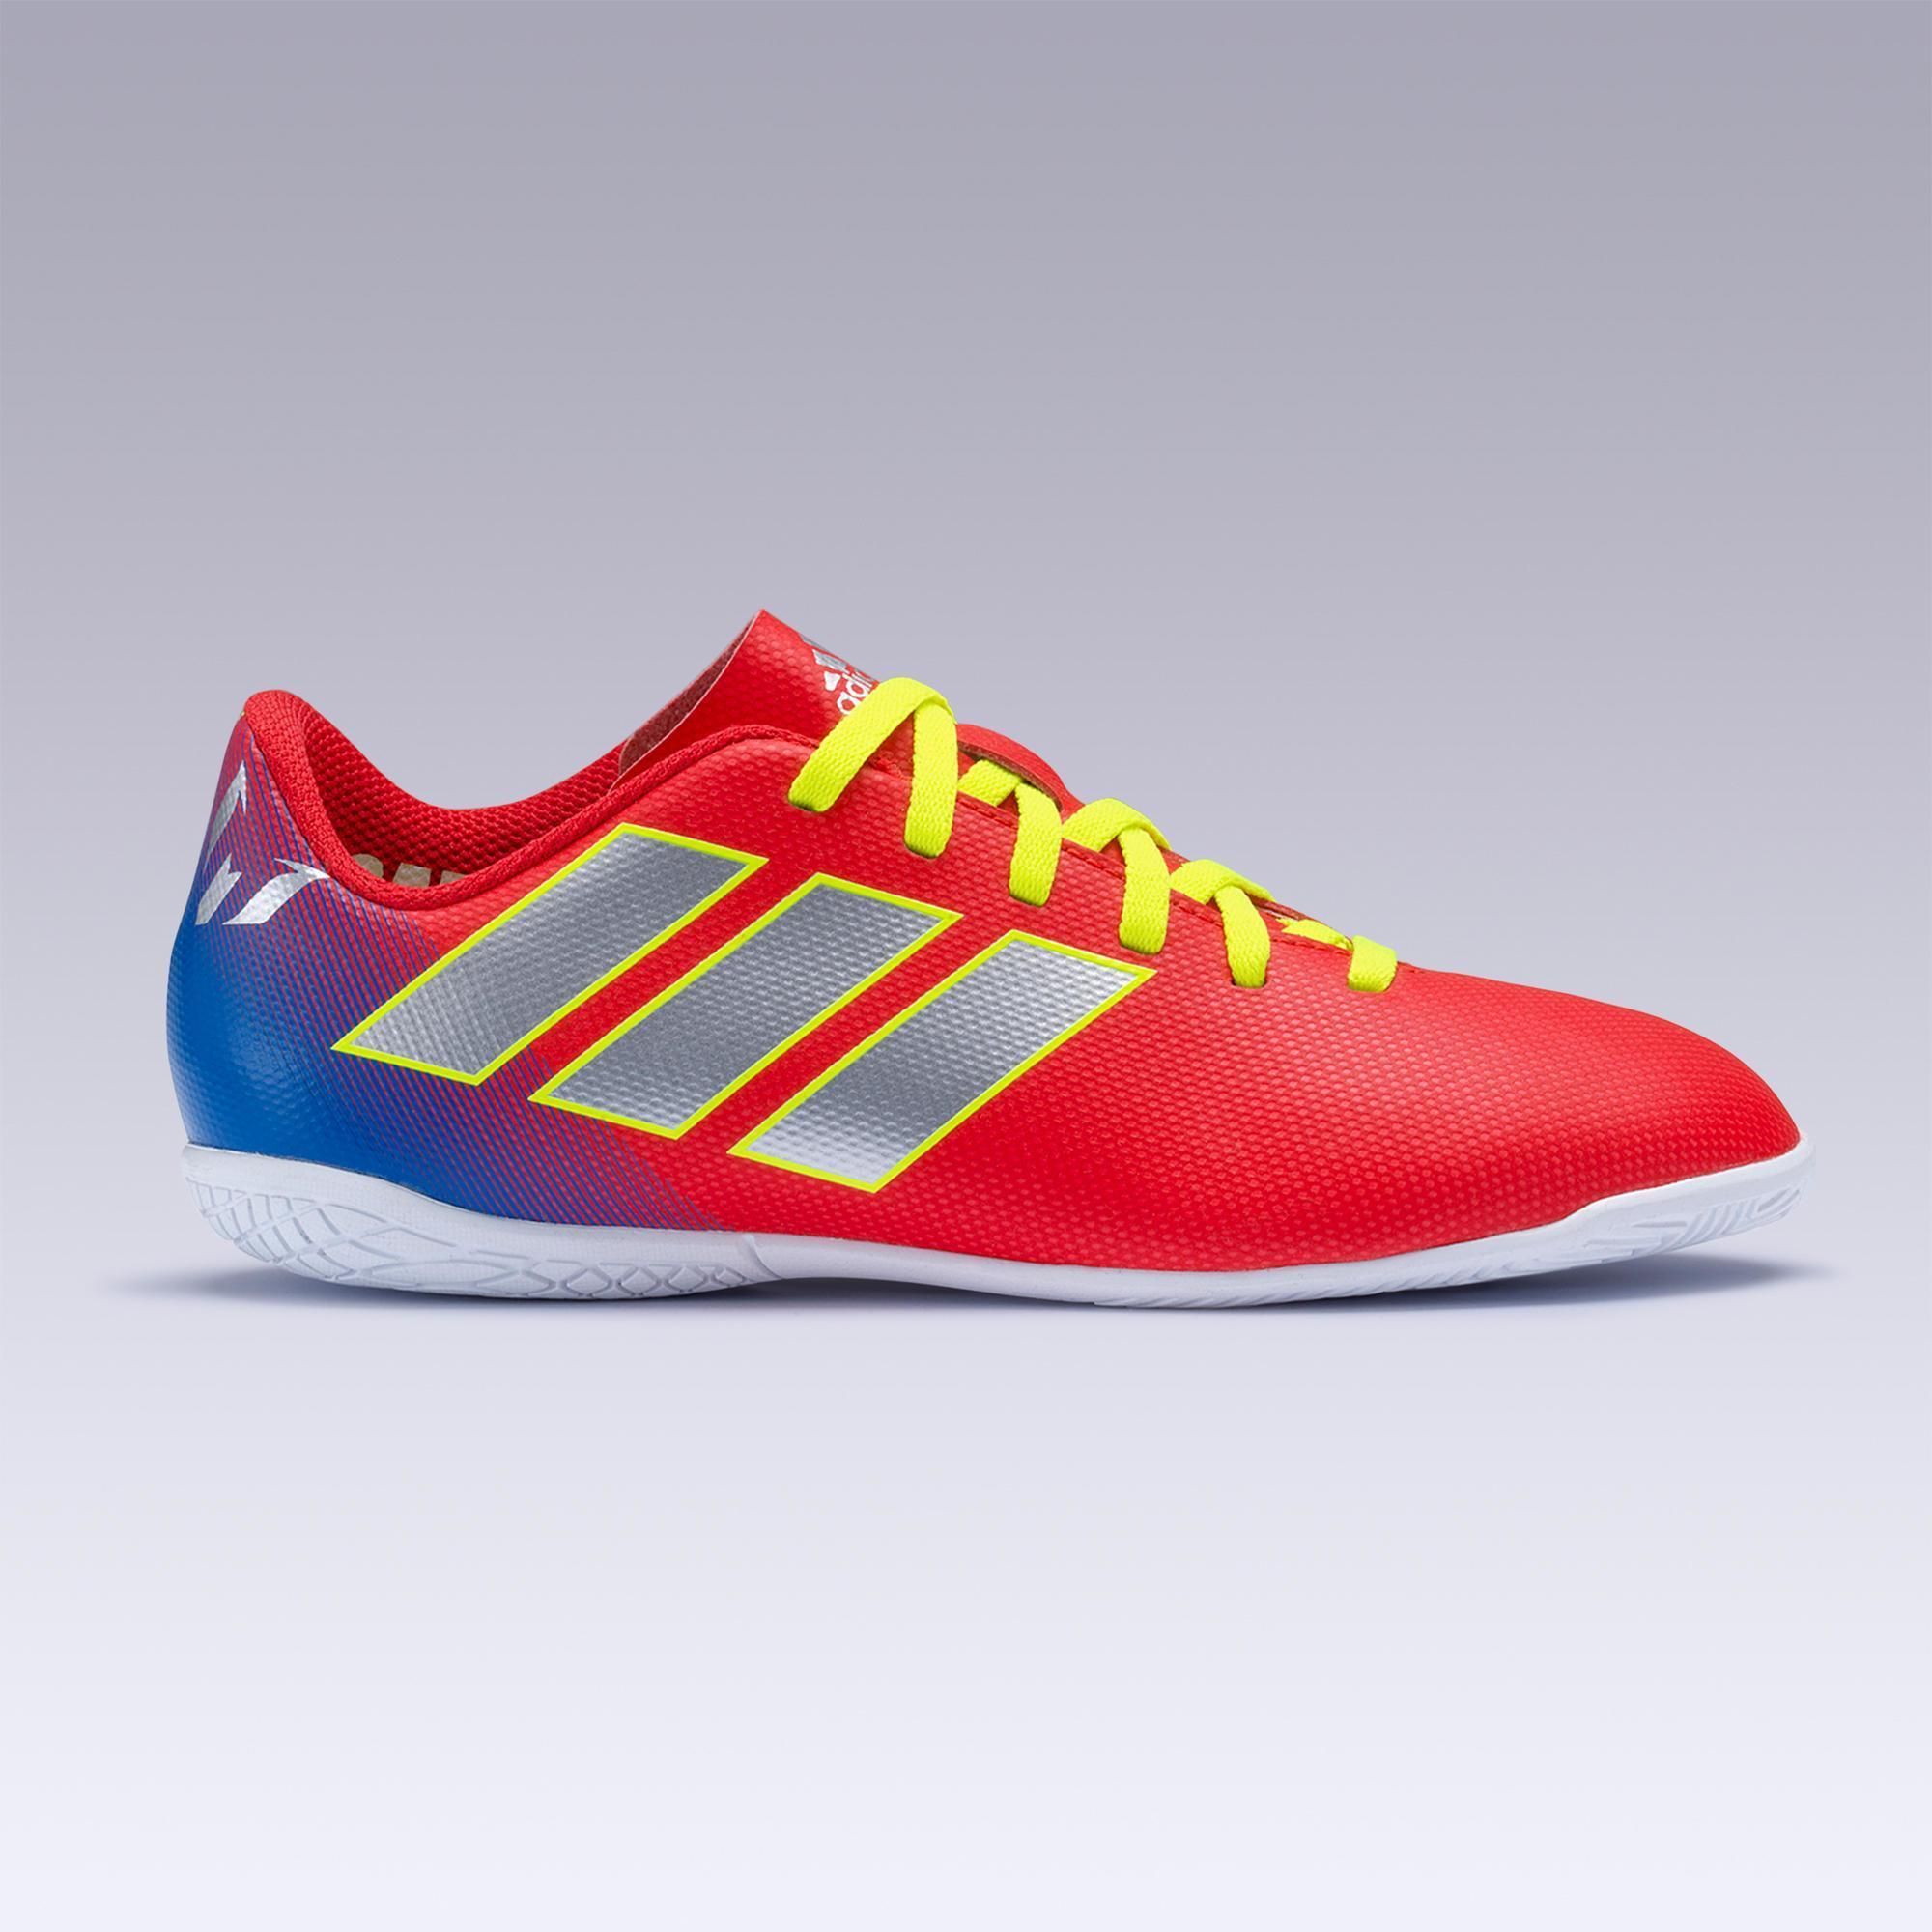 Adidas Zaalvoetbalschoenen kind Nemeziz Messi Tango 18.3 rood